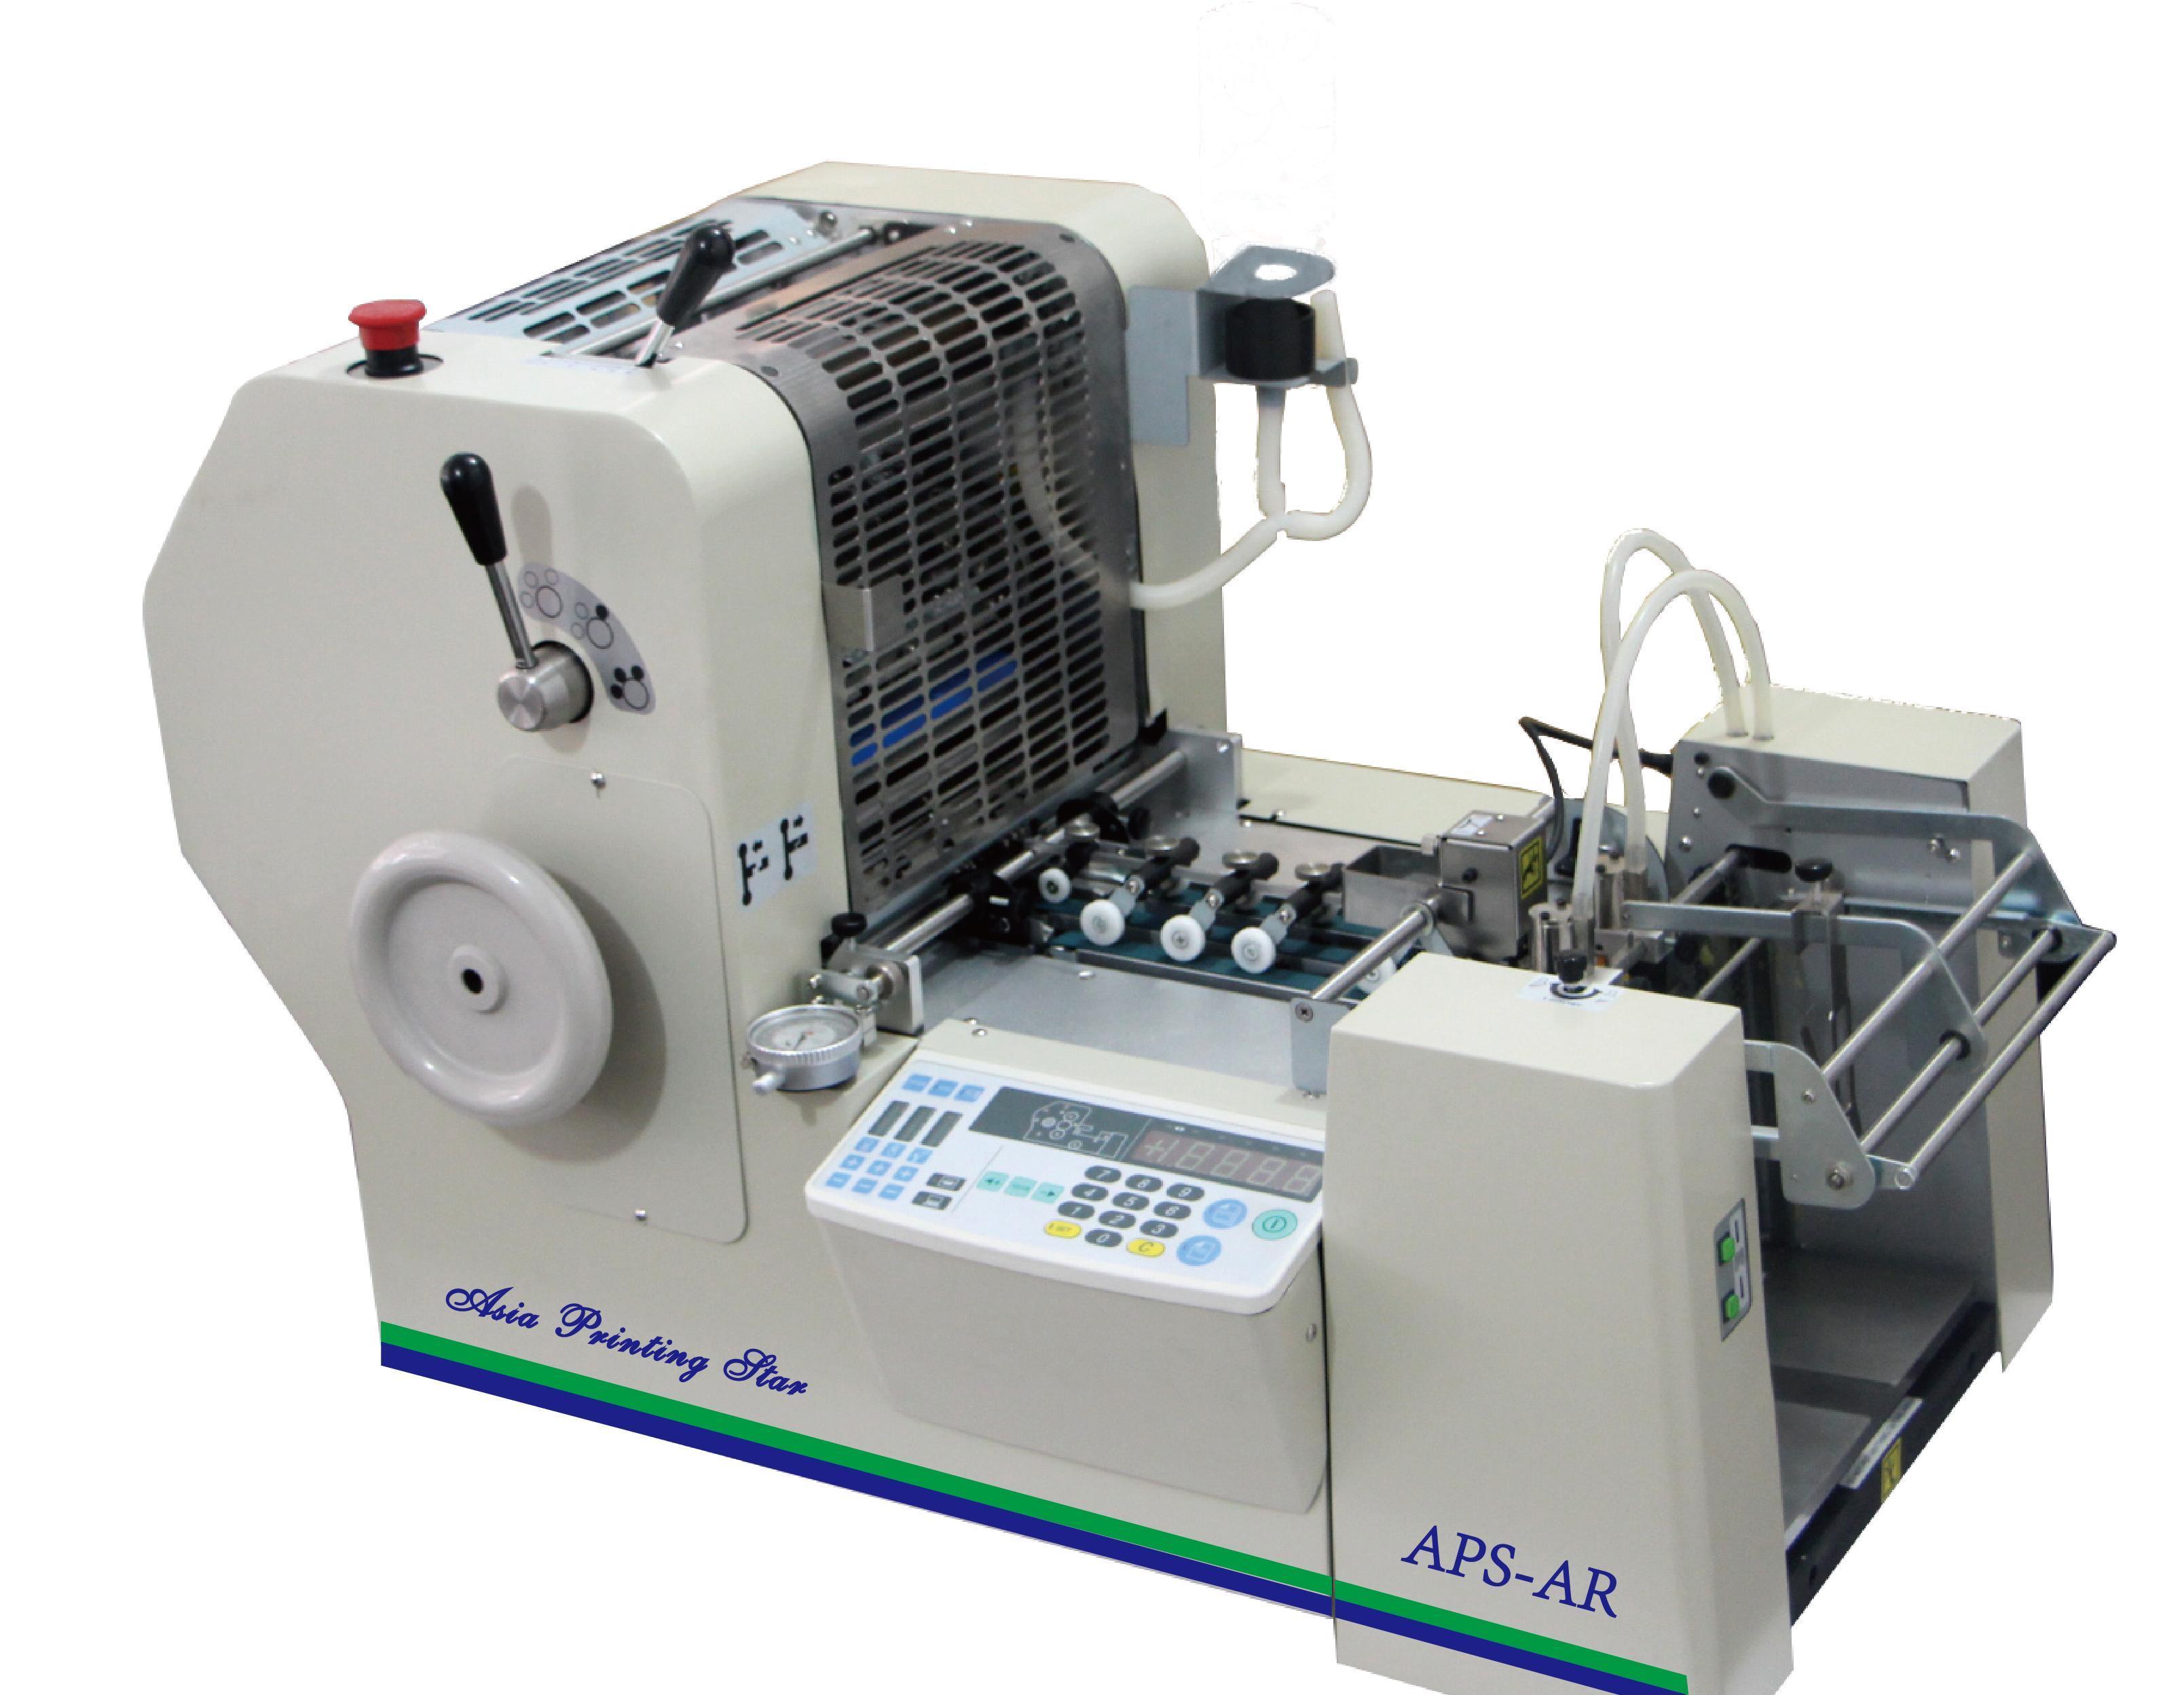 全自动印刷机_卡片印刷机 制卡机aps-ar 全自动高效率名片机uv型